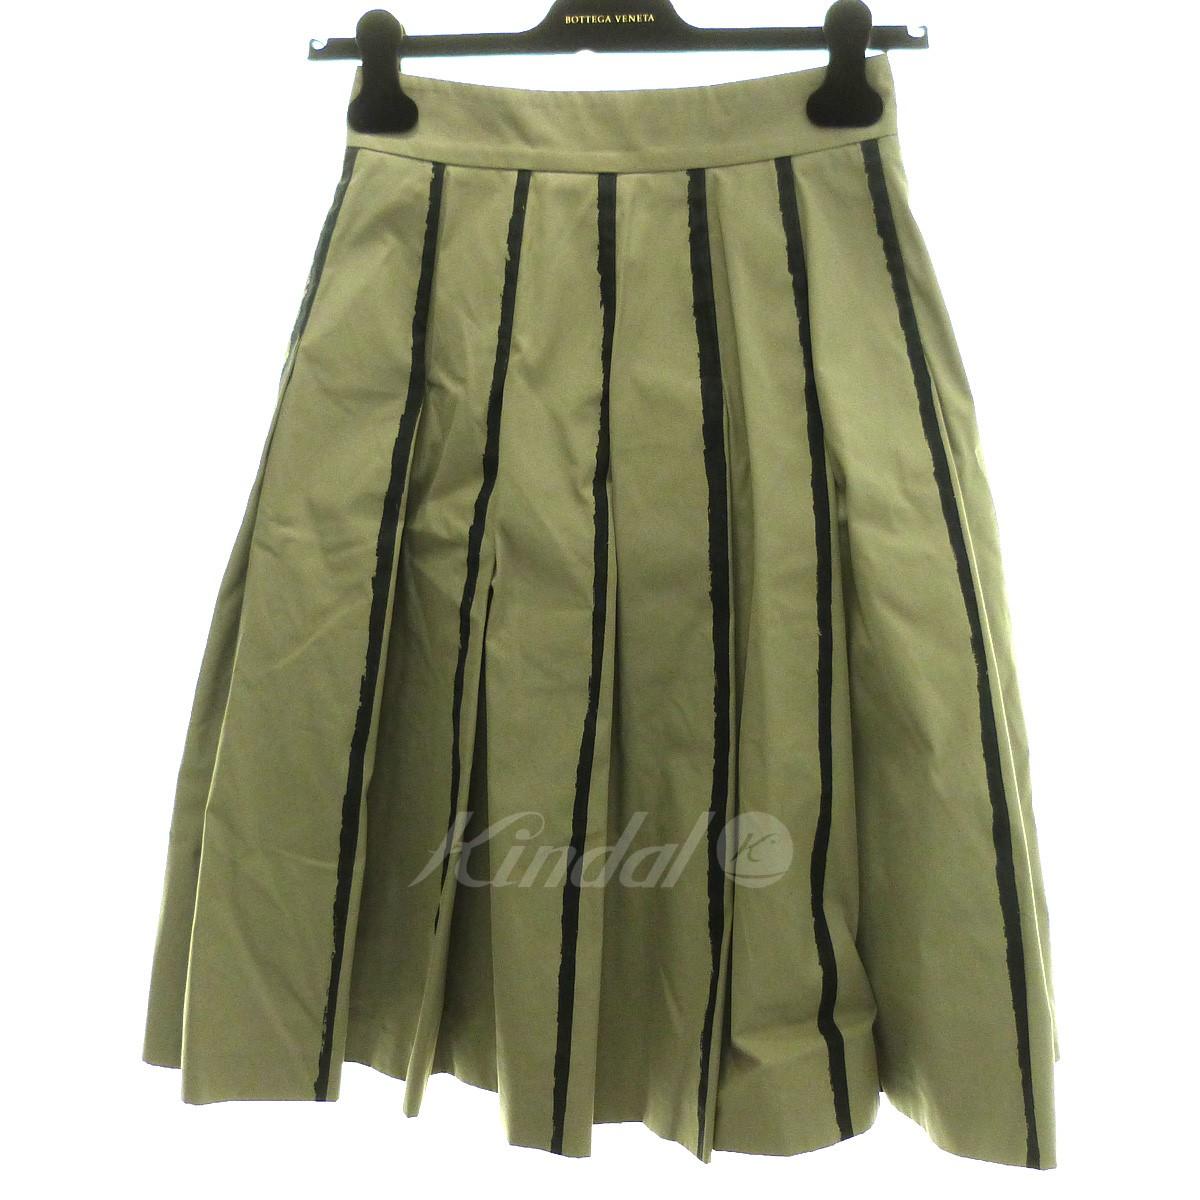 【中古】BOTTEGA VENETA プリーツスカート グレー サイズ:38 【200419】(ボッテガヴェネタ)